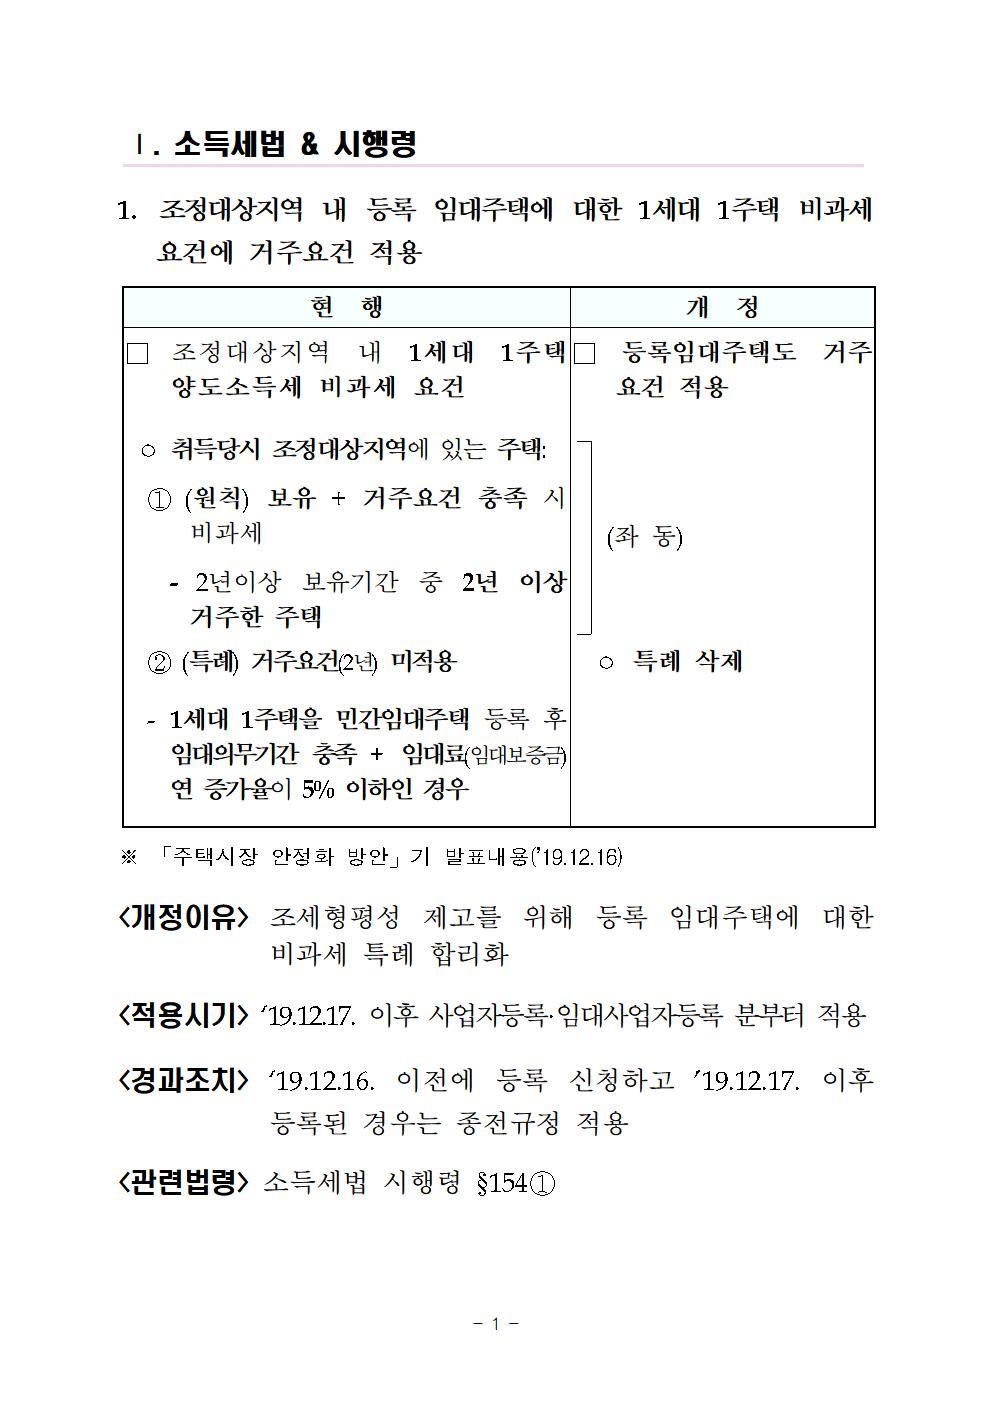 2019년세법개정내용(양도소득세분야)006.png